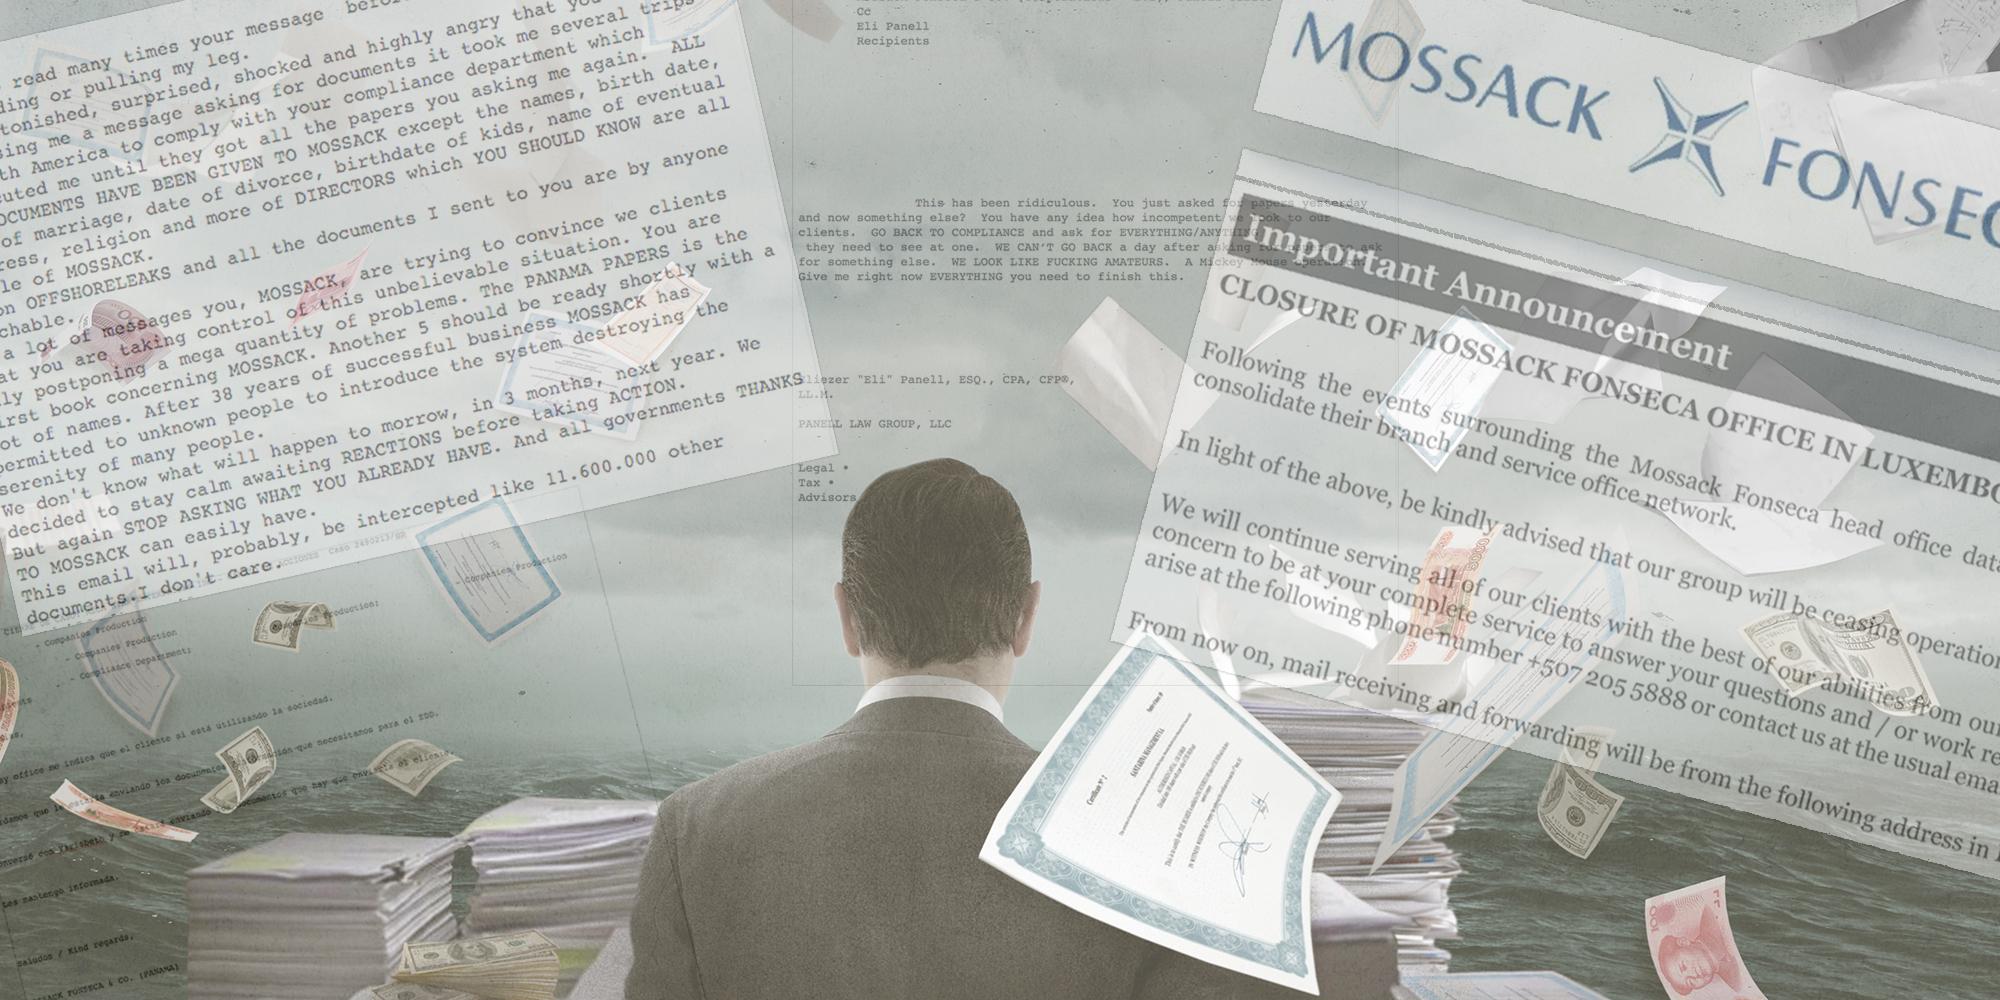 Teljes pánikban haldoklott a Mossack Fonseca, derül ki az újabb Panama-iratokból